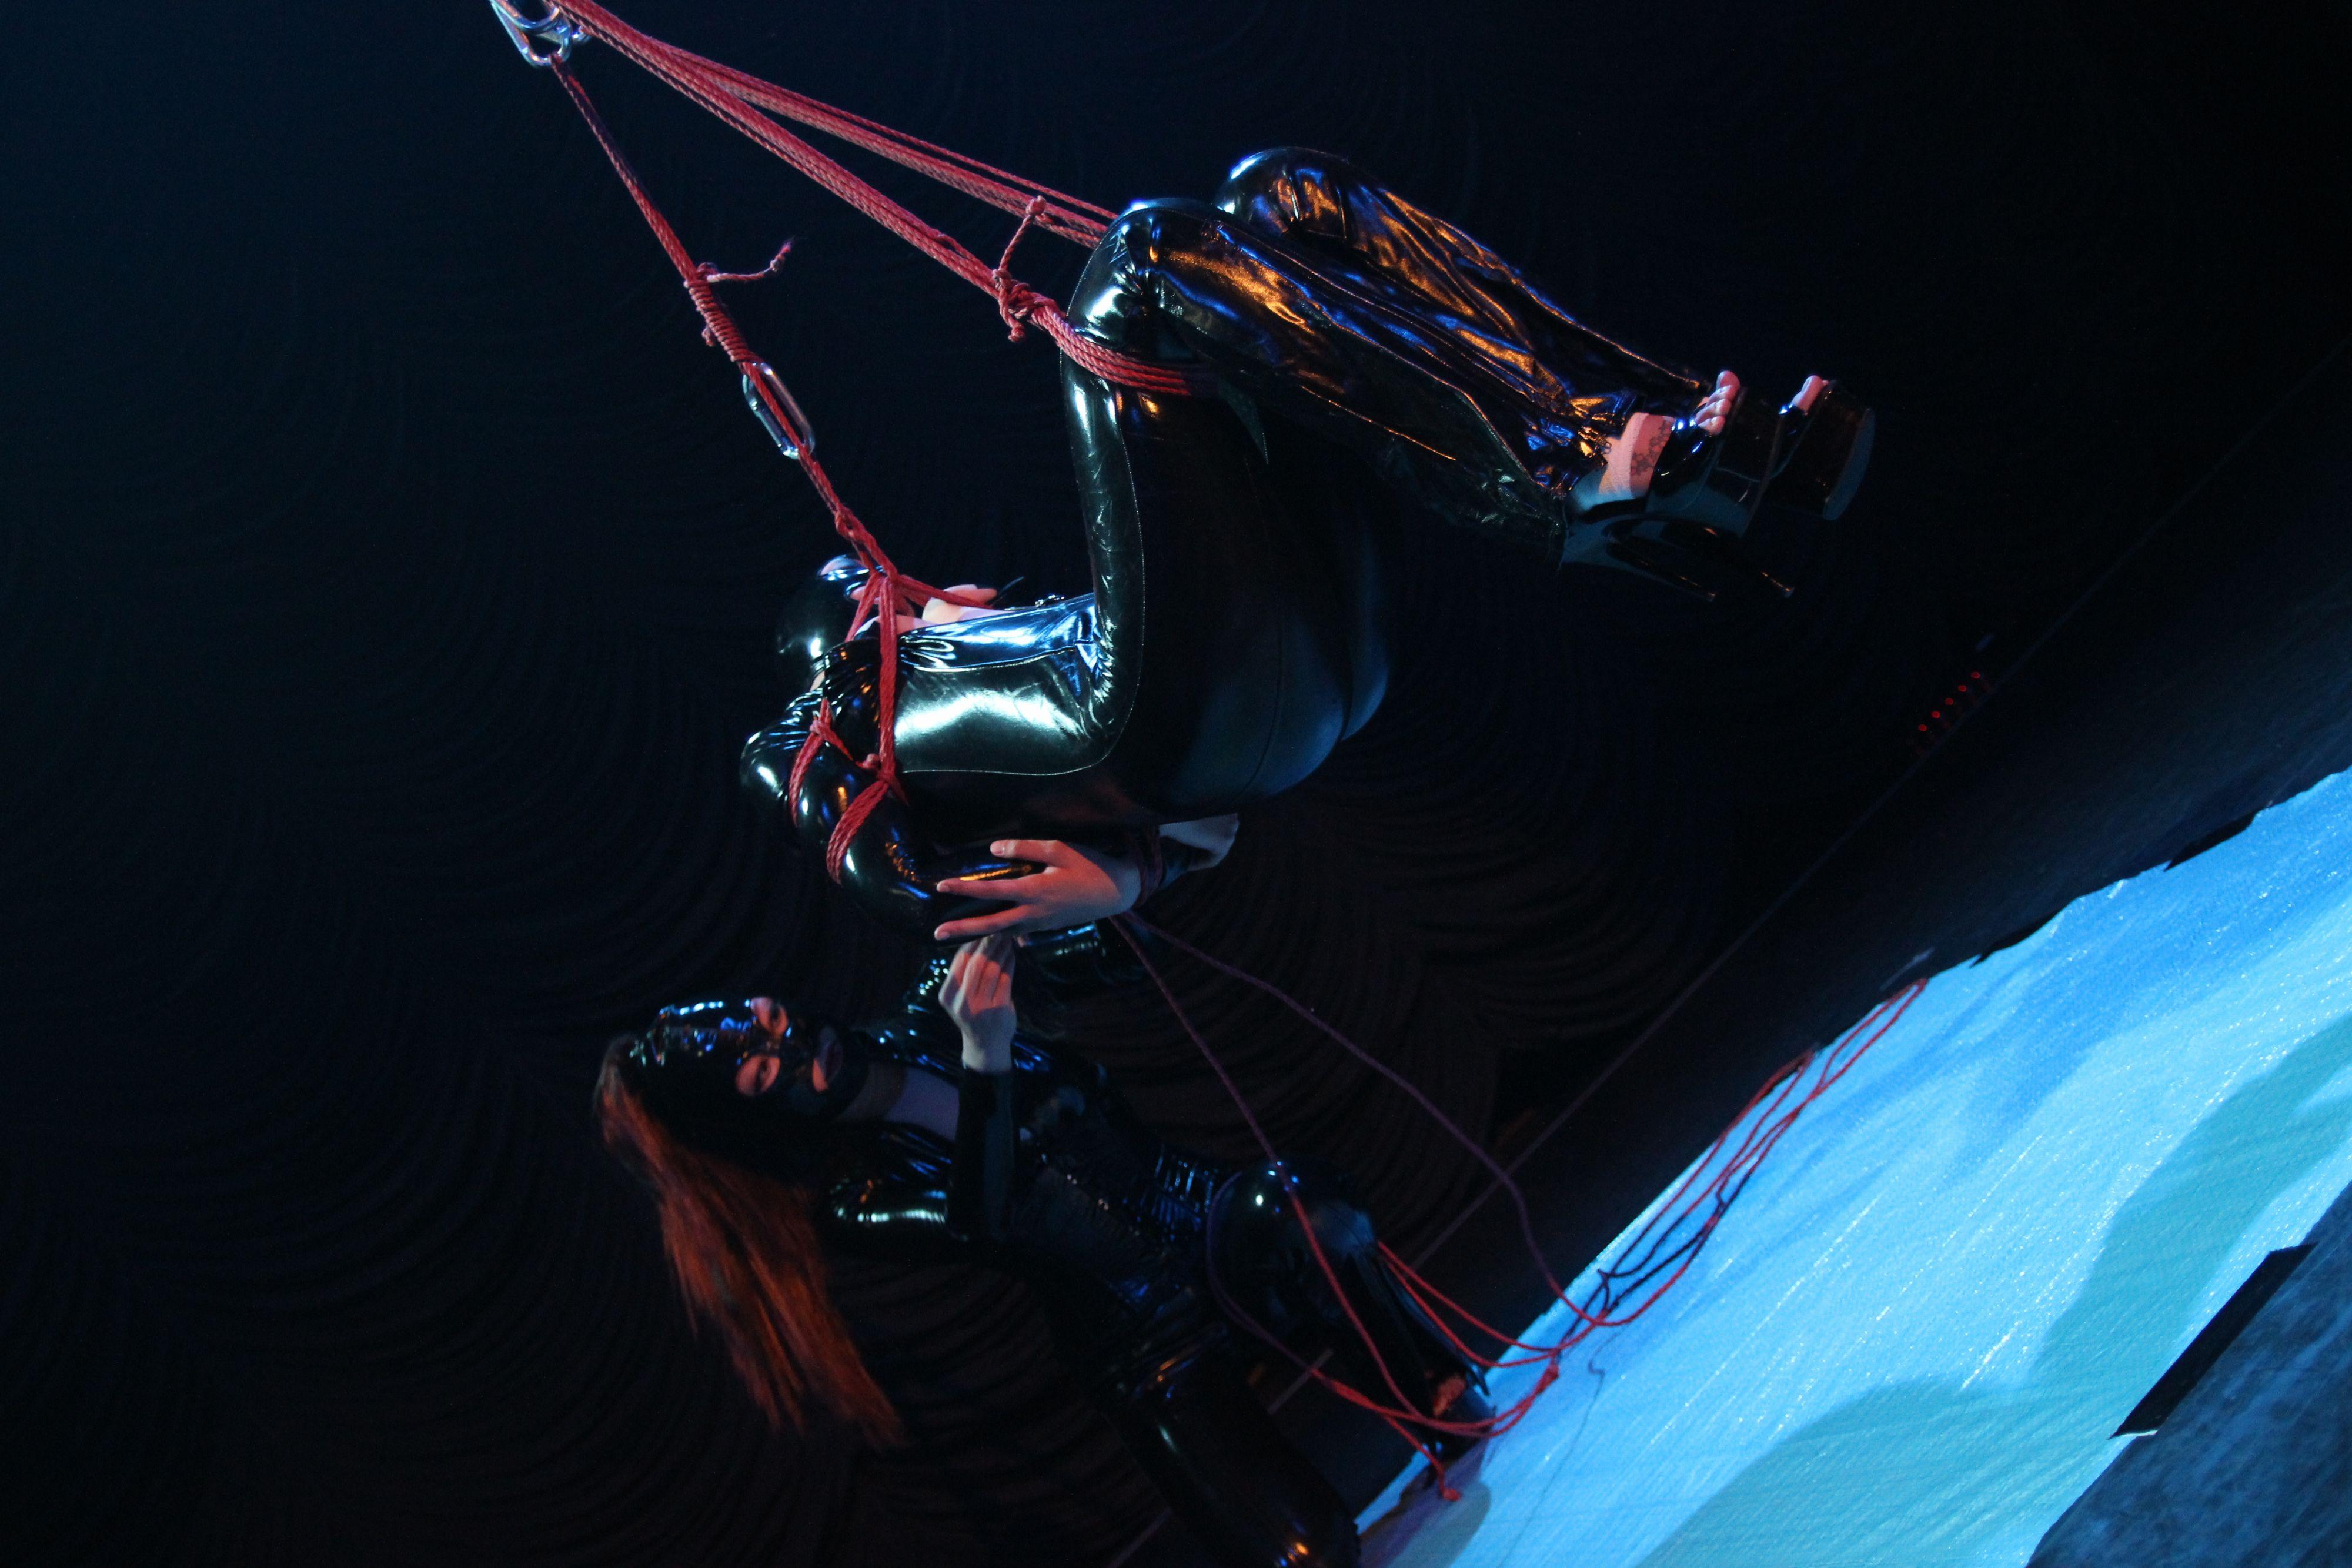 デパートメントH 2099@鶯谷東京キネマ倶楽部 2015年2月~Fersh bar Dolce 薫女王様&彼恋嬢によるラバー&緊縛ショー~